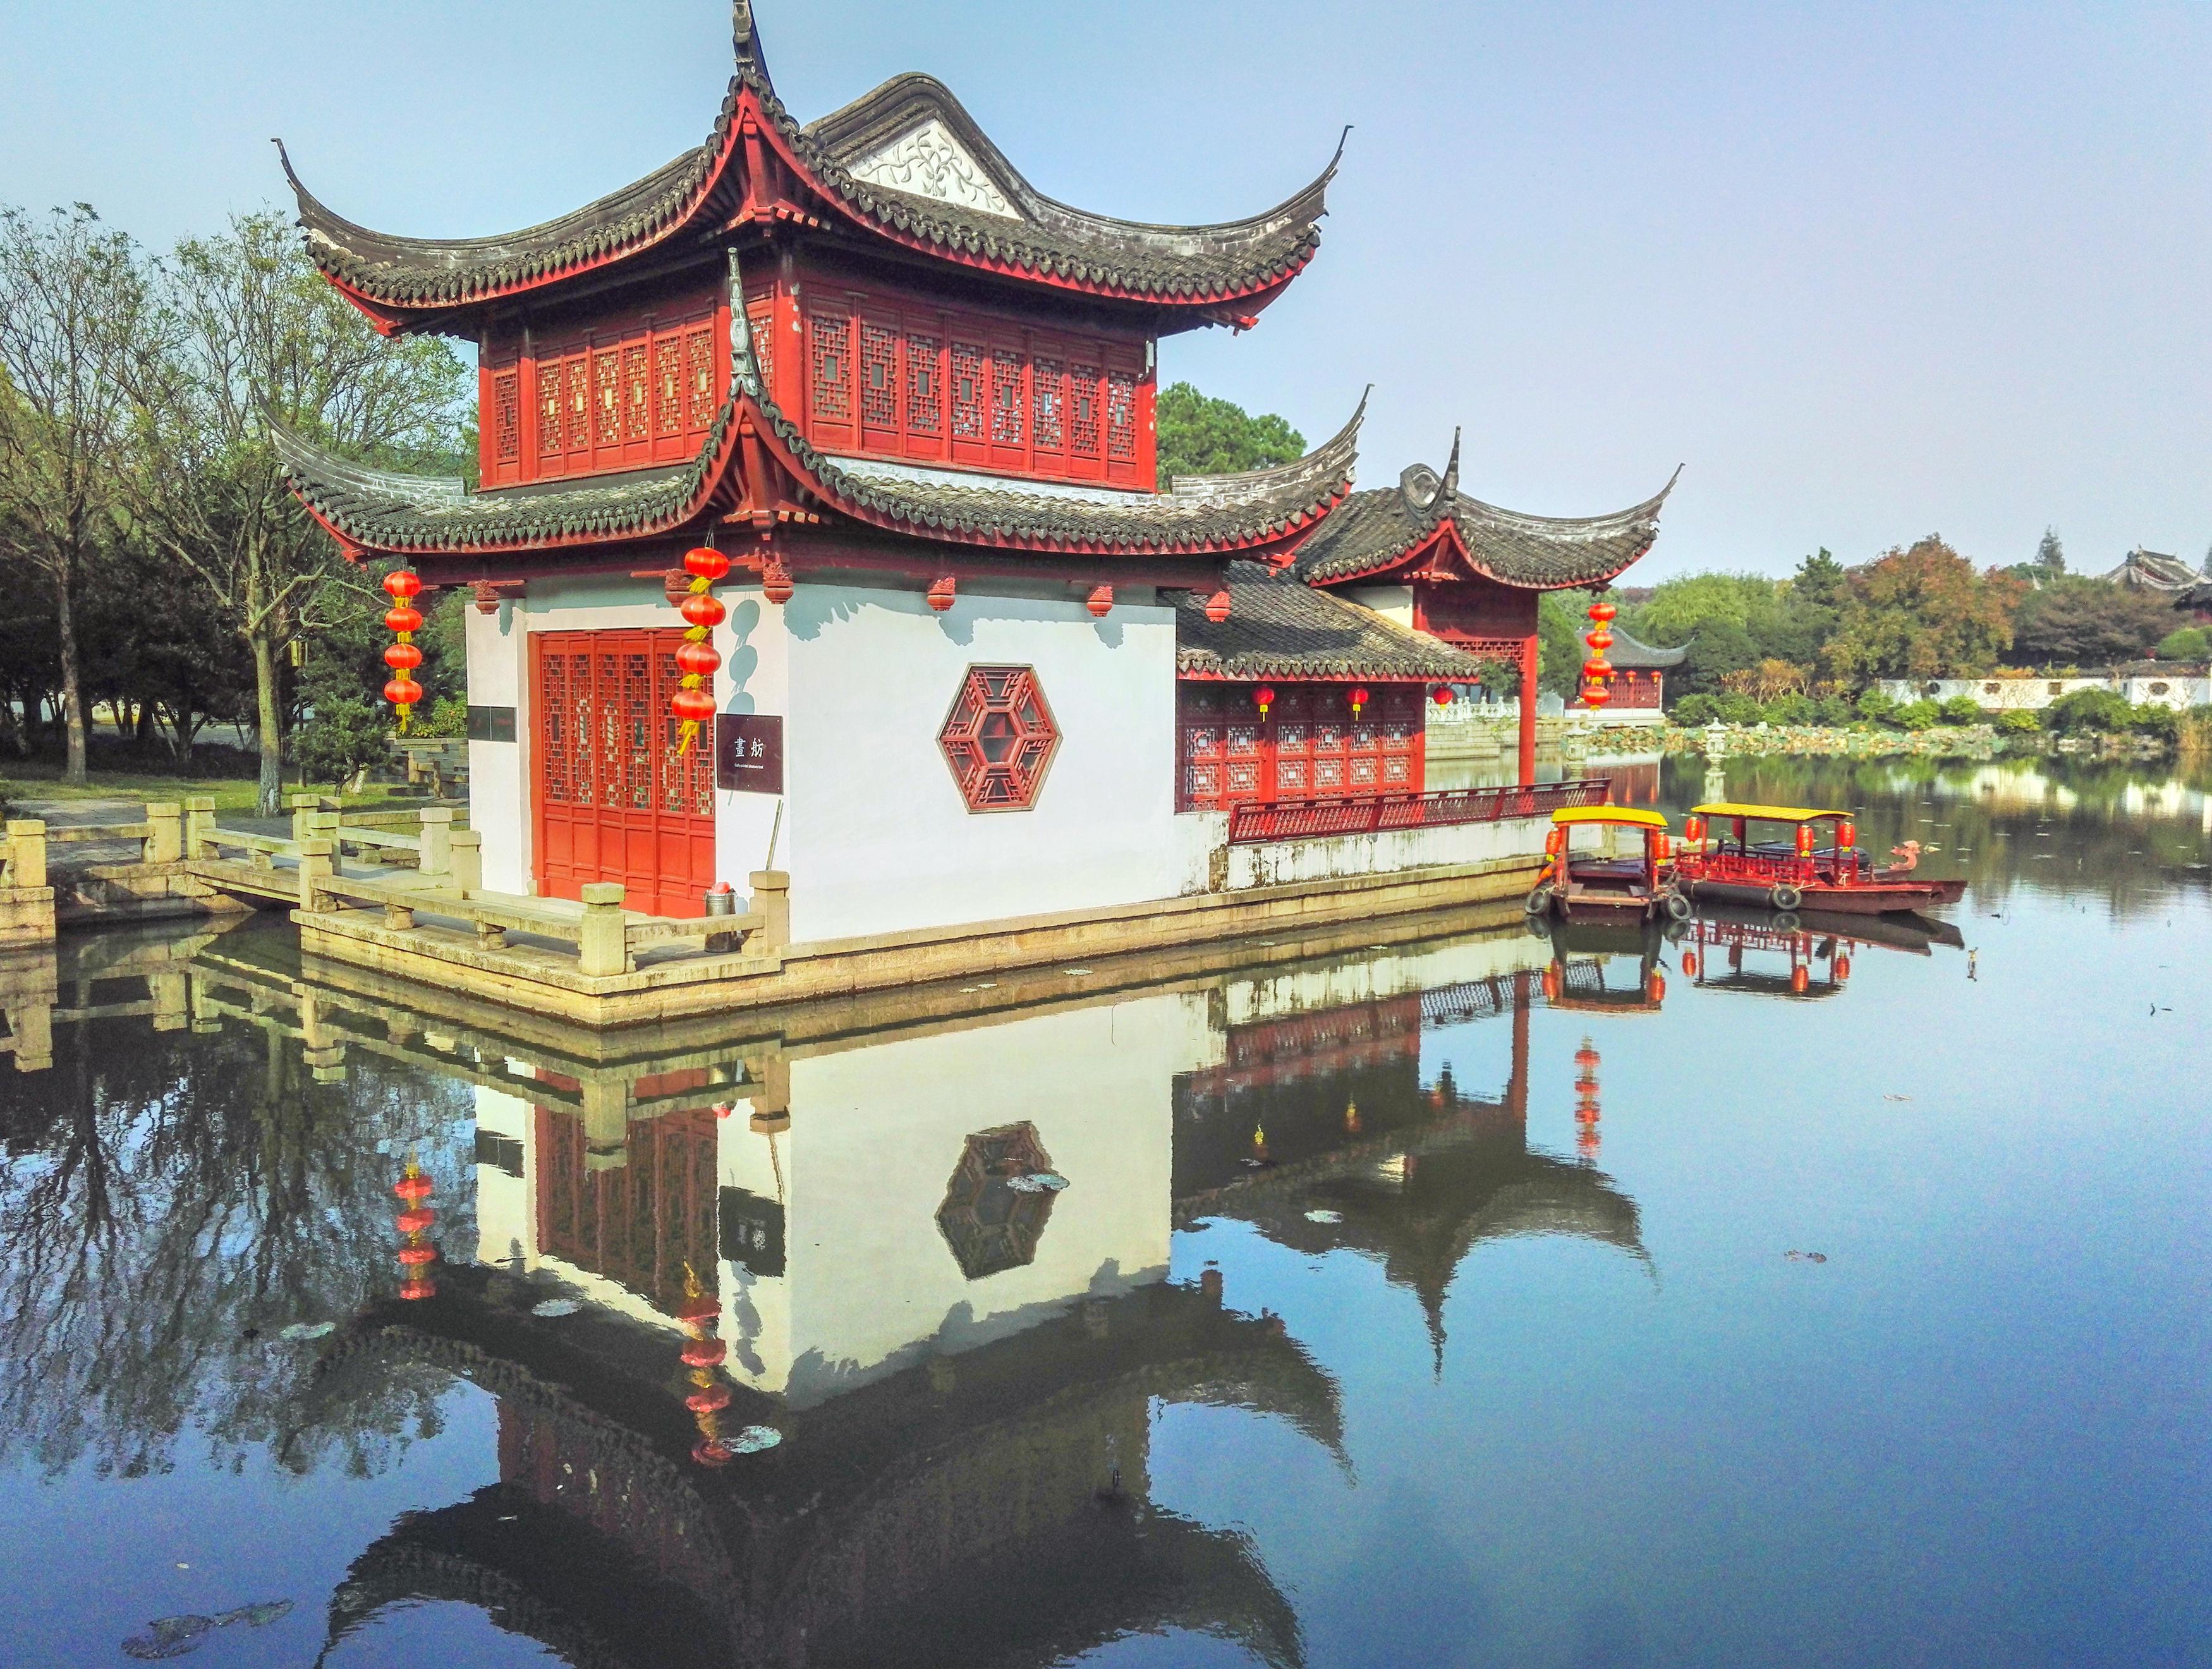 上海大觀園門票